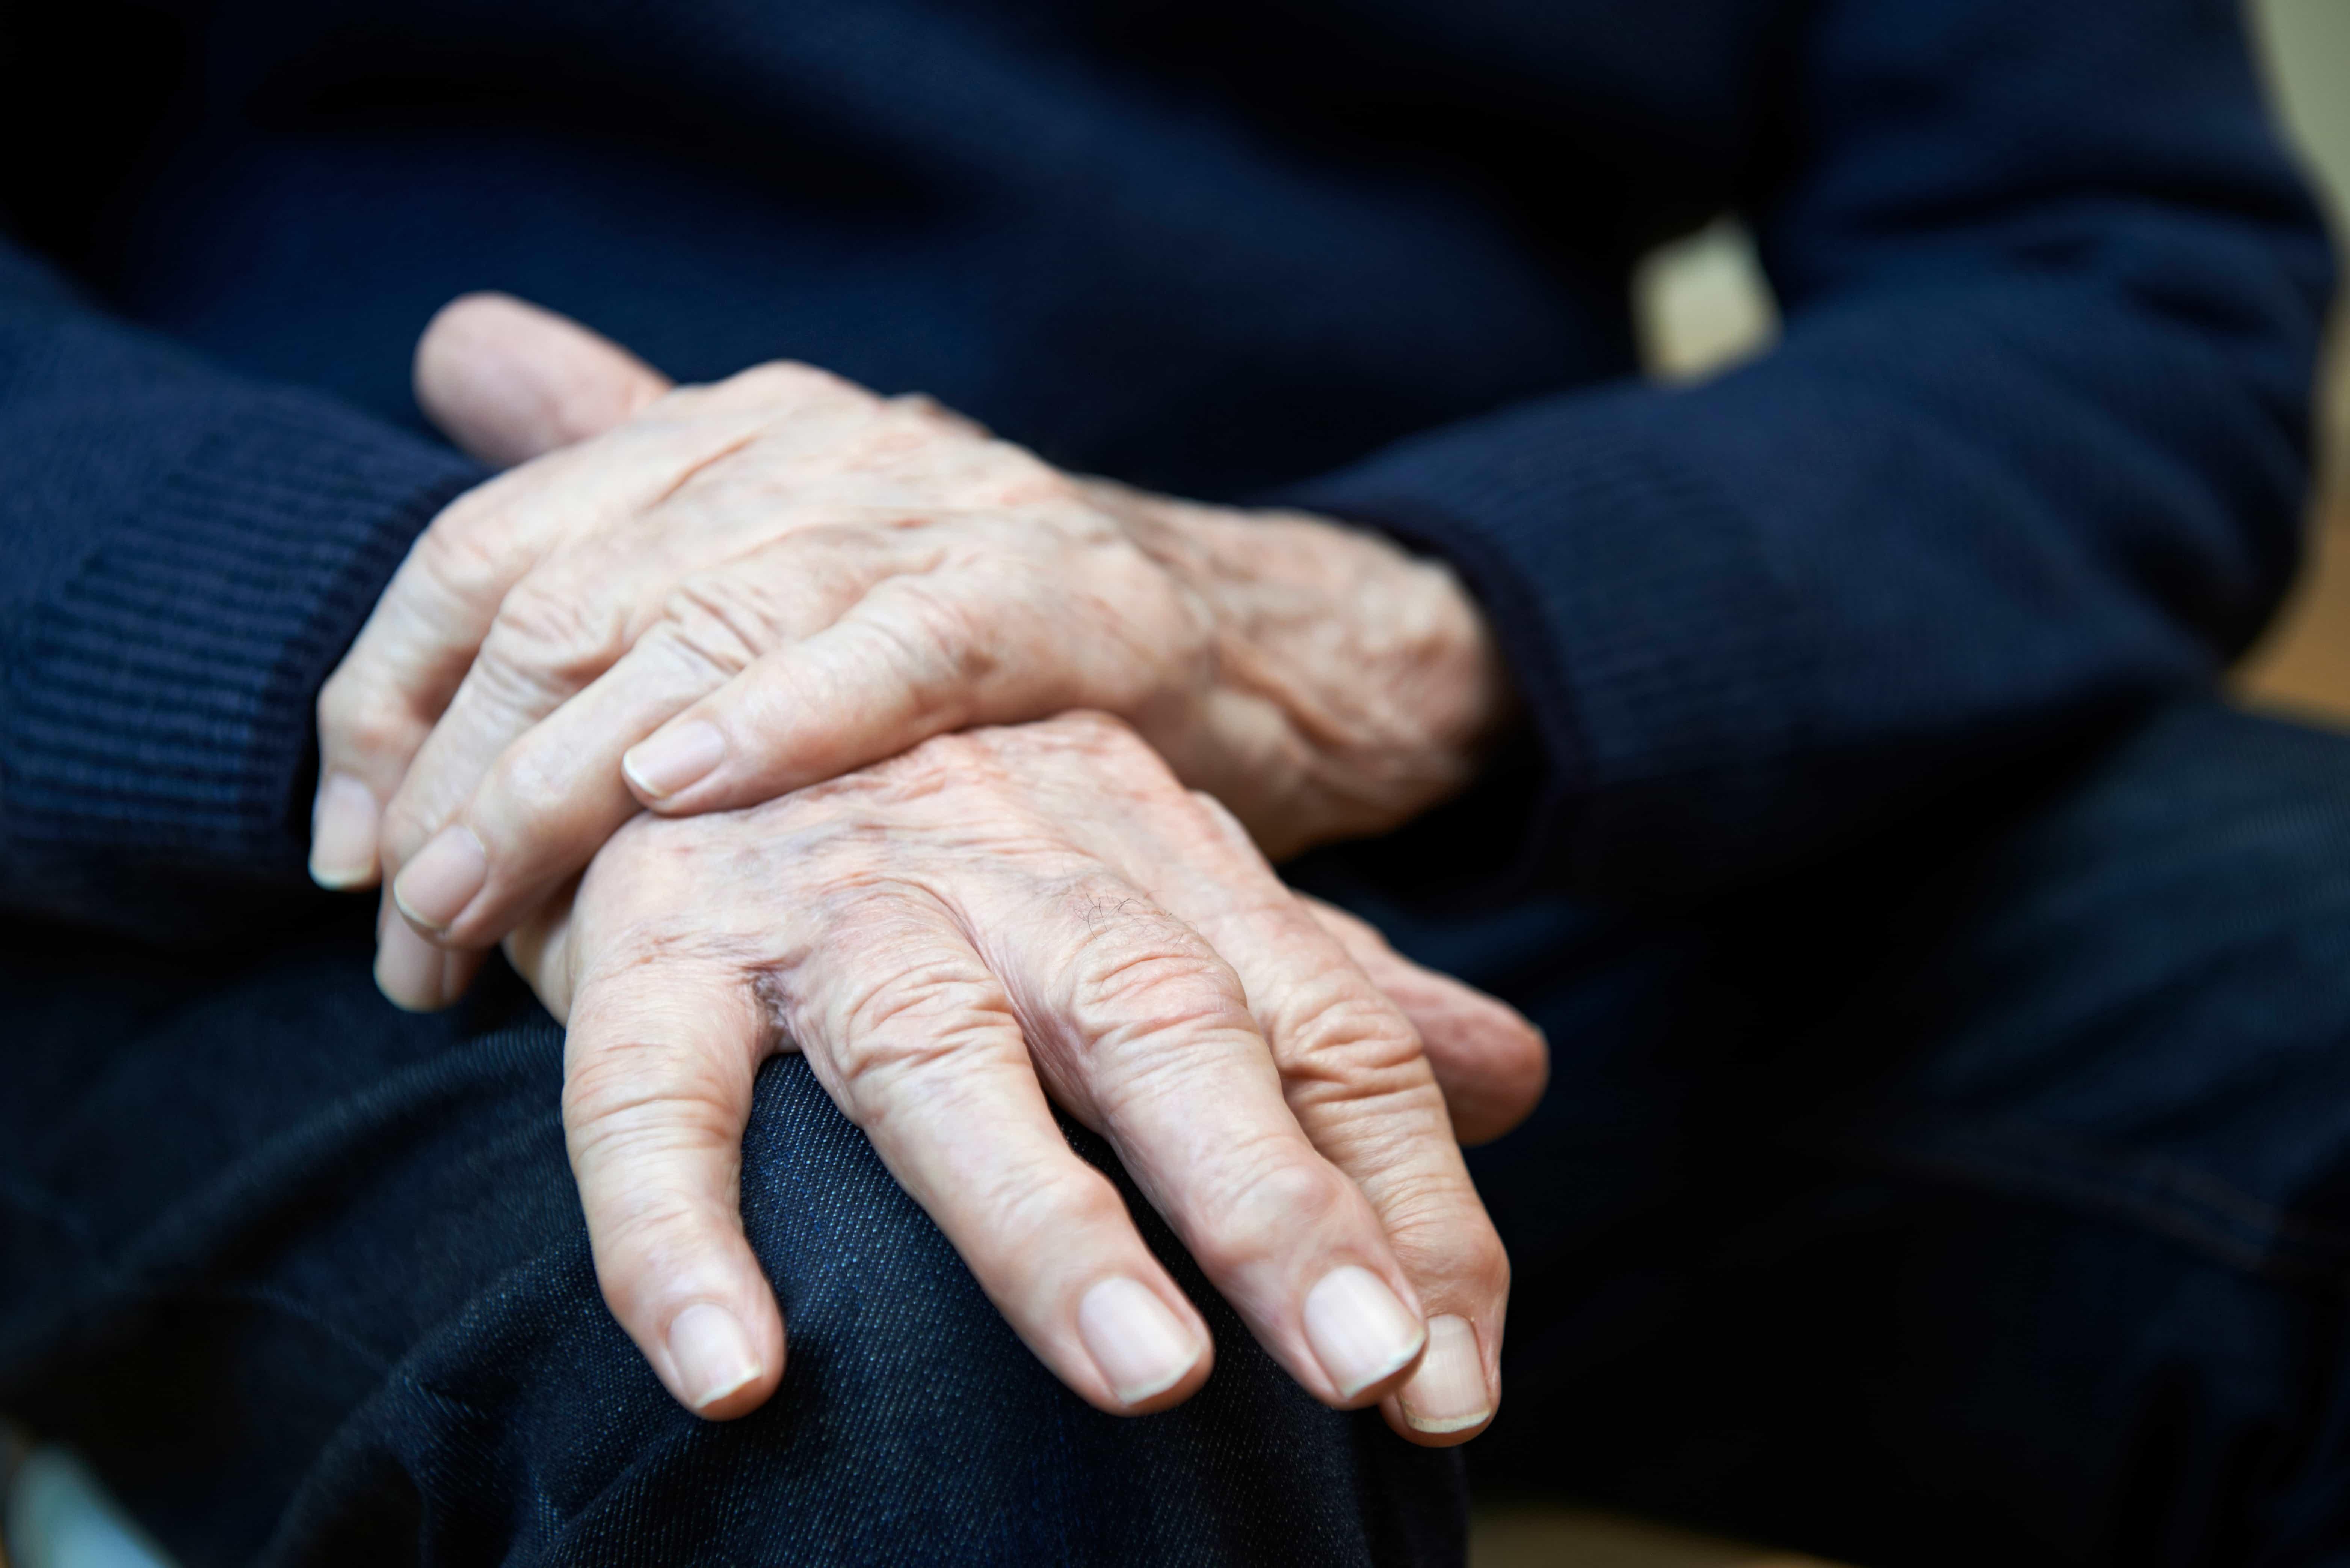 Болезнь Паркинсона— медленно прогрессирующее дегенеративное заболевание, характеризующееся тремором, скованностью, трудностями сходьбой, равновесием икоординацией.